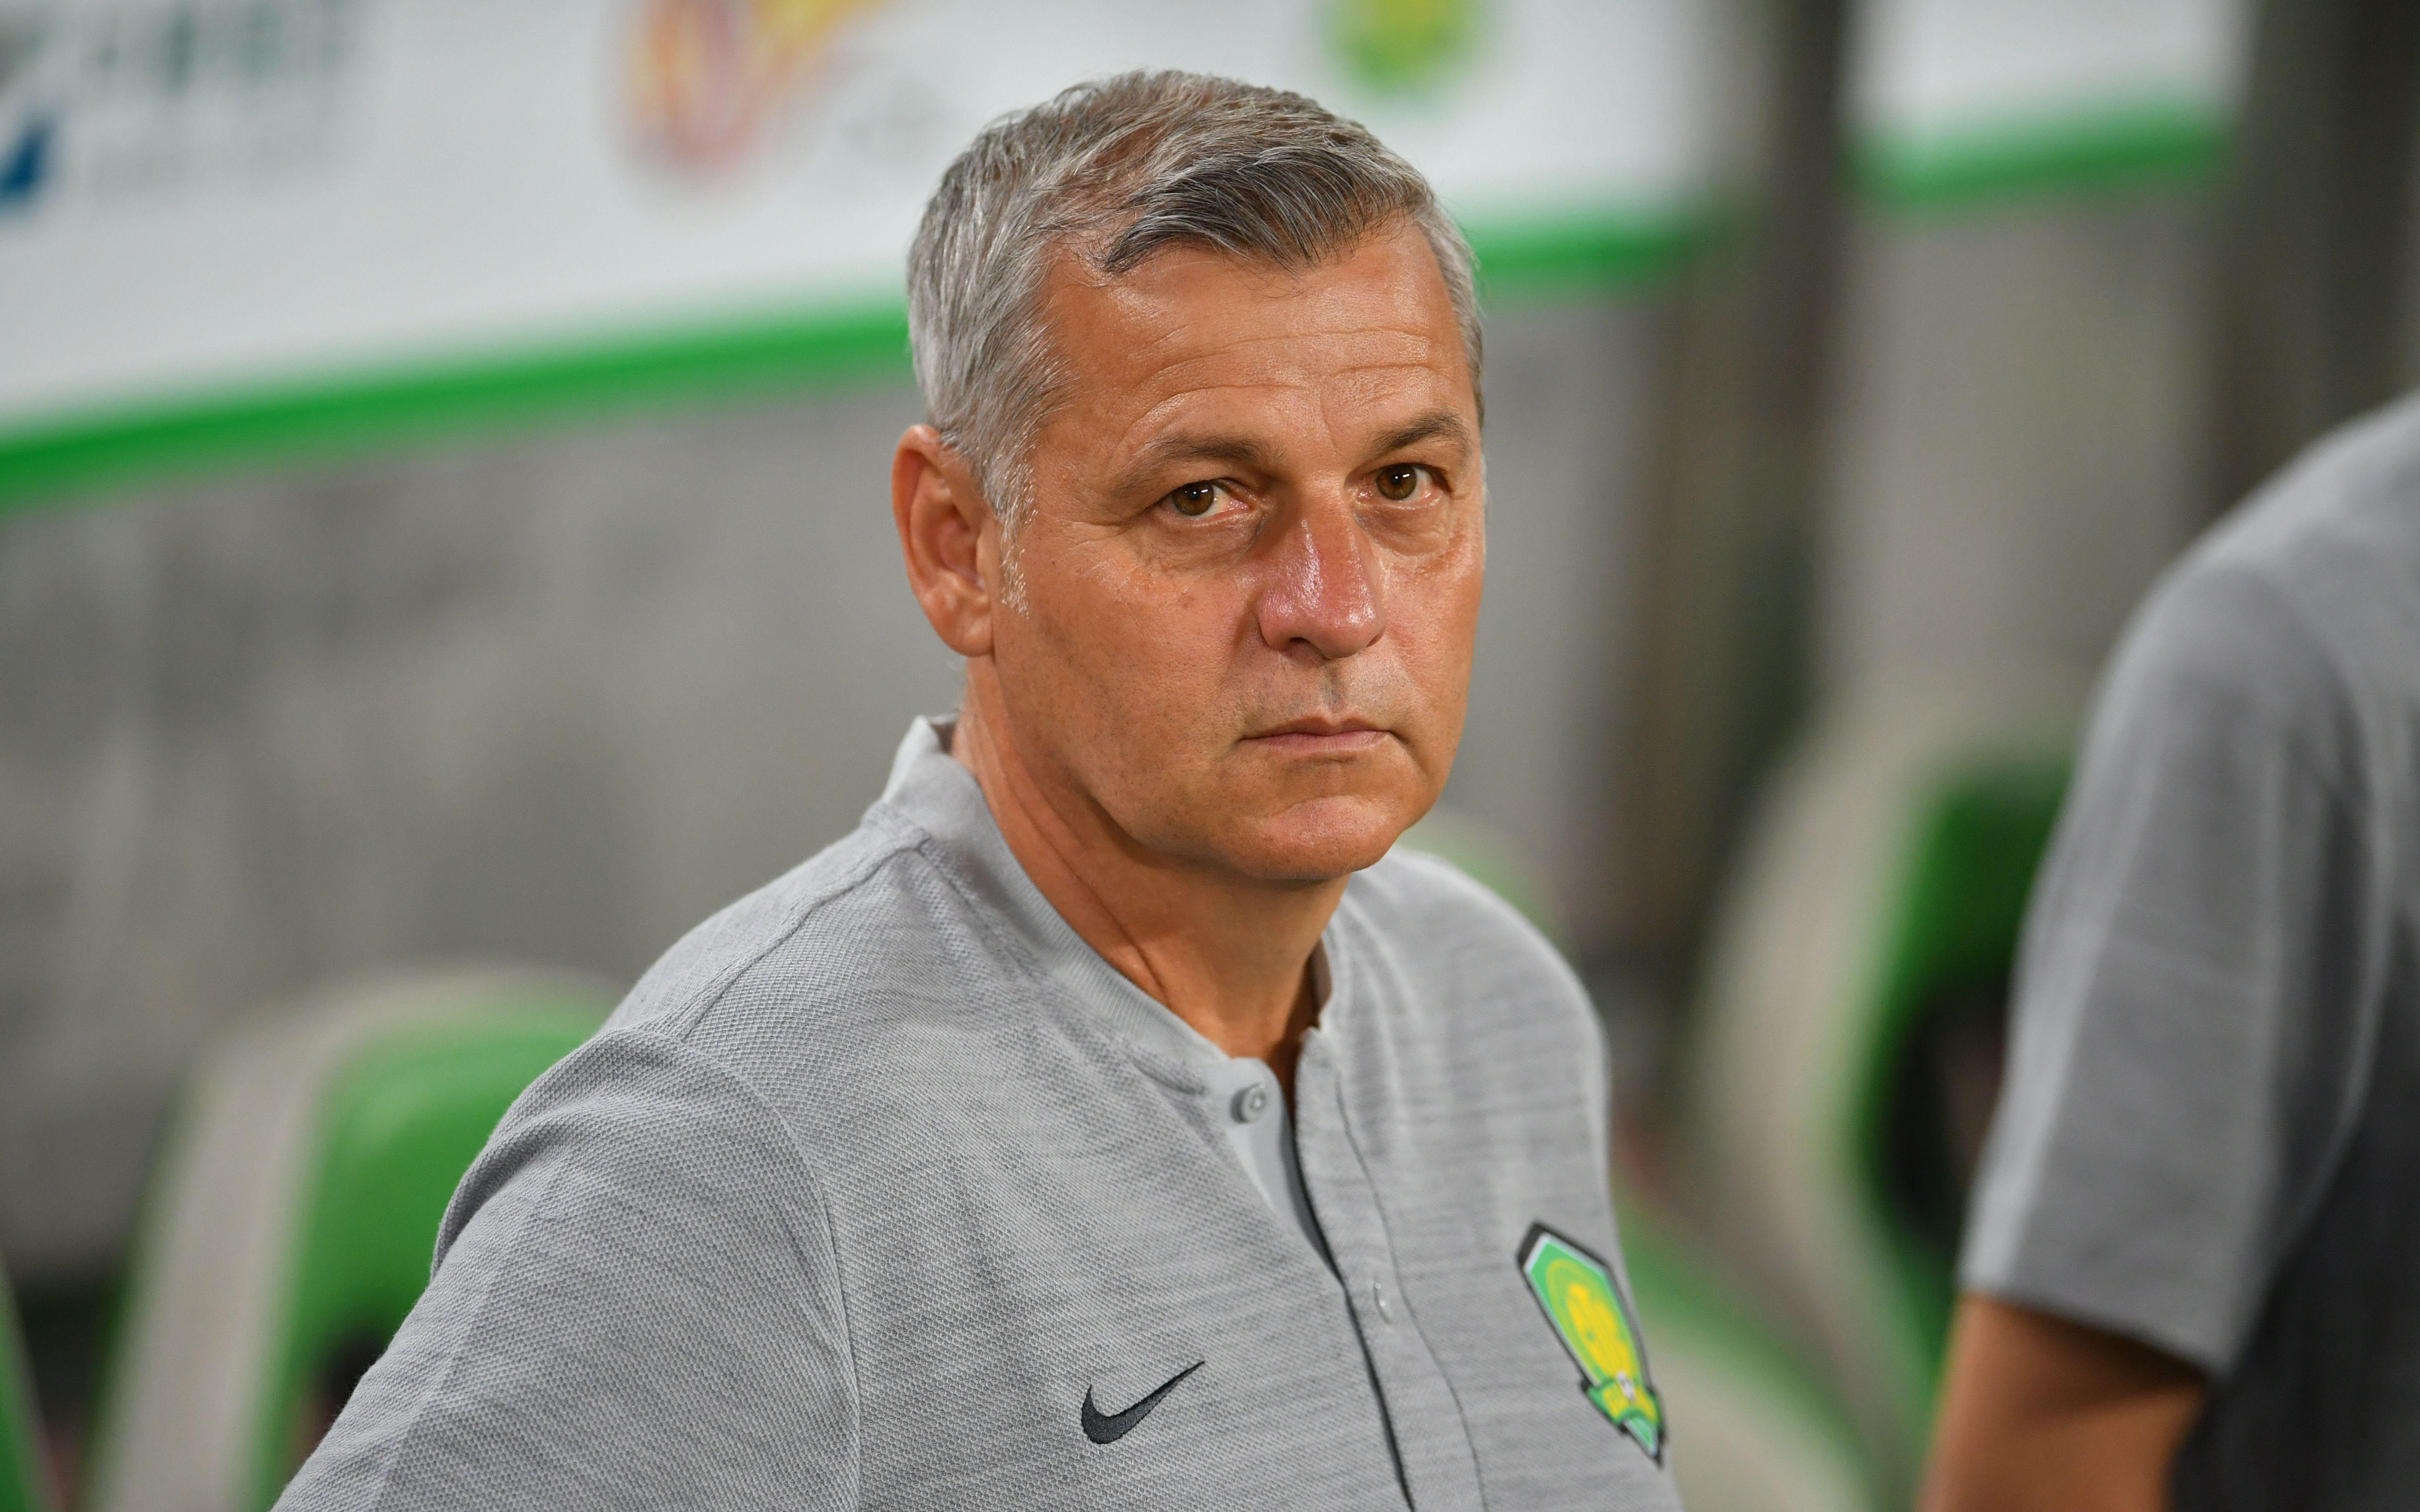 体育晨报:国安新帅获开门红,梅西被禁赛3个月